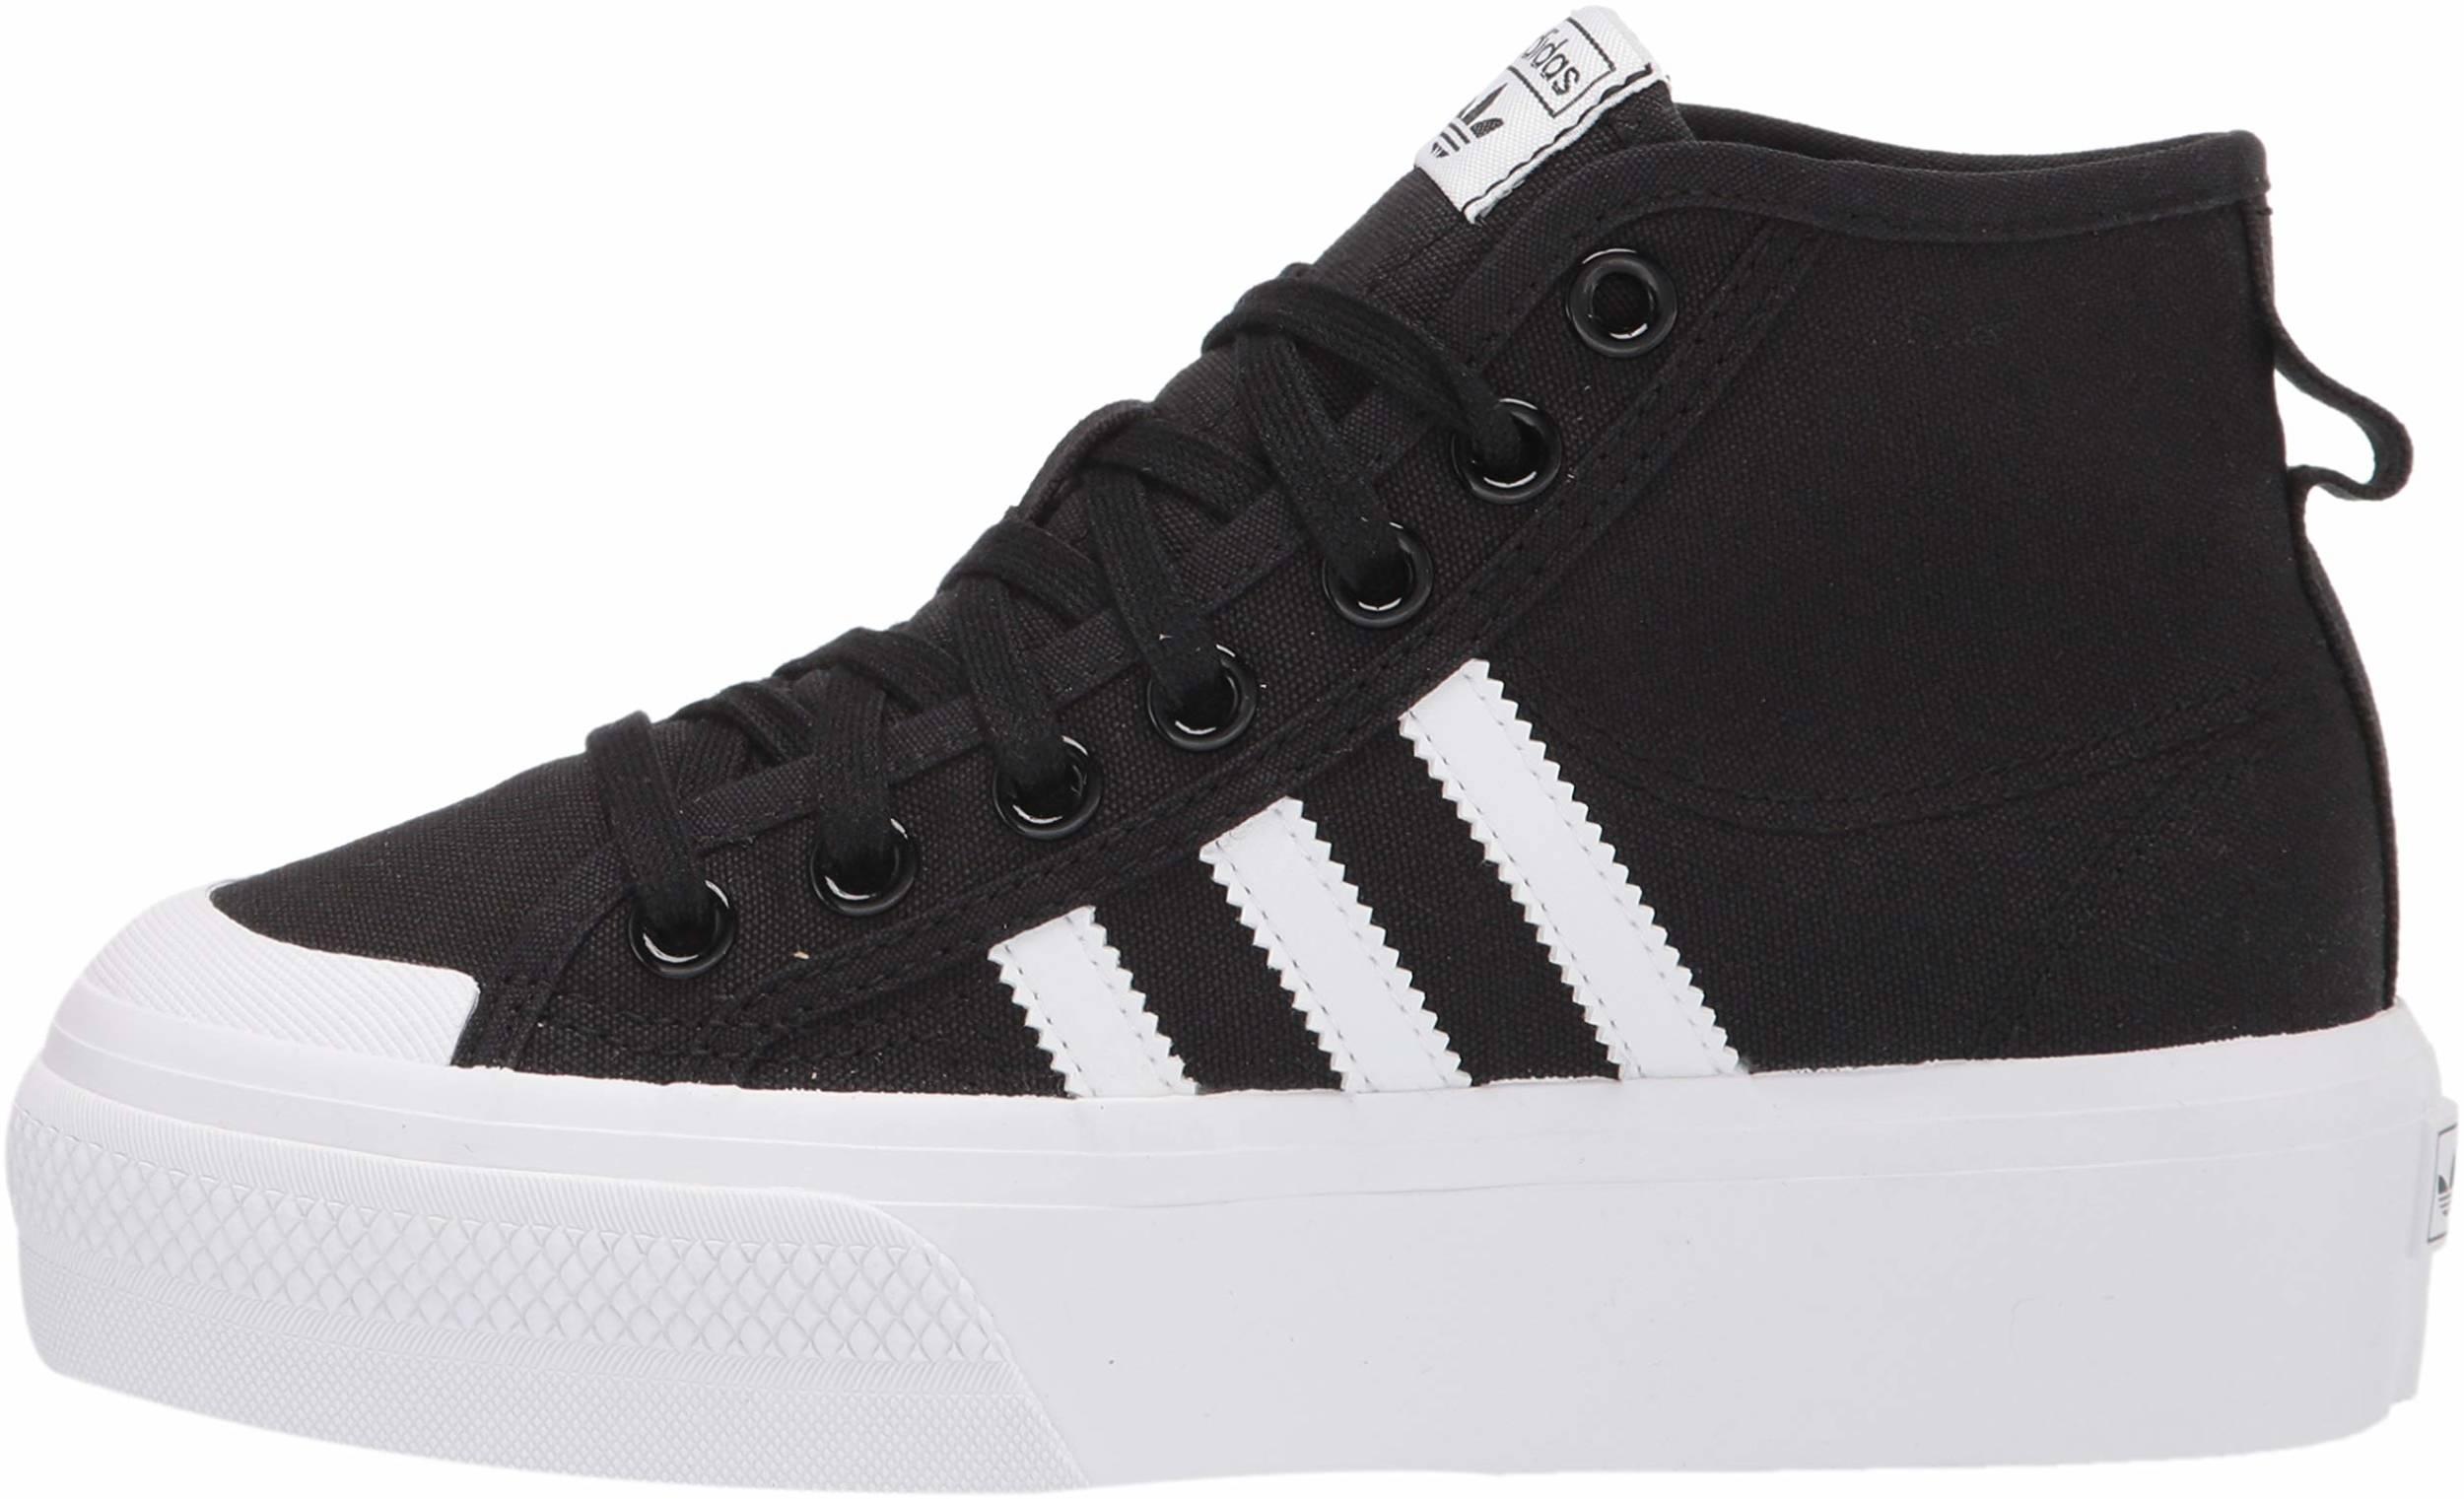 zapatilla callejón sólido  Adidas Nizza Platform Mid sneakers in black (only $69)   RunRepeat